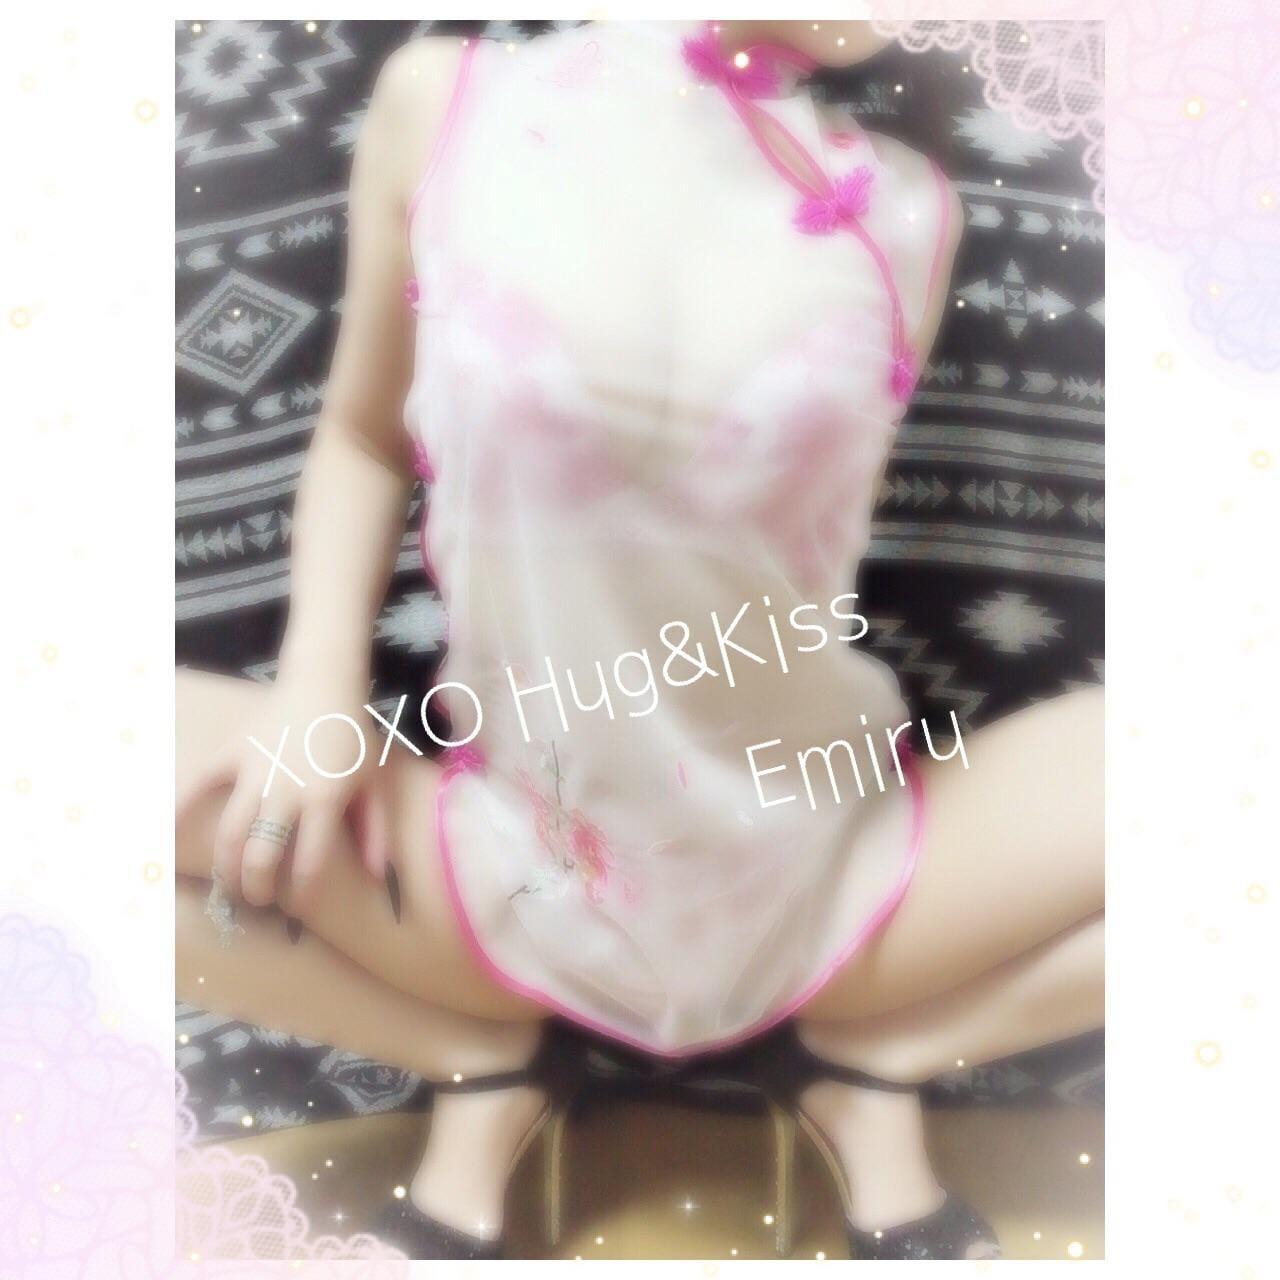 「【6/27】港区のお兄さん?」07/04(水) 16:12 | Emiru エミルの写メ・風俗動画